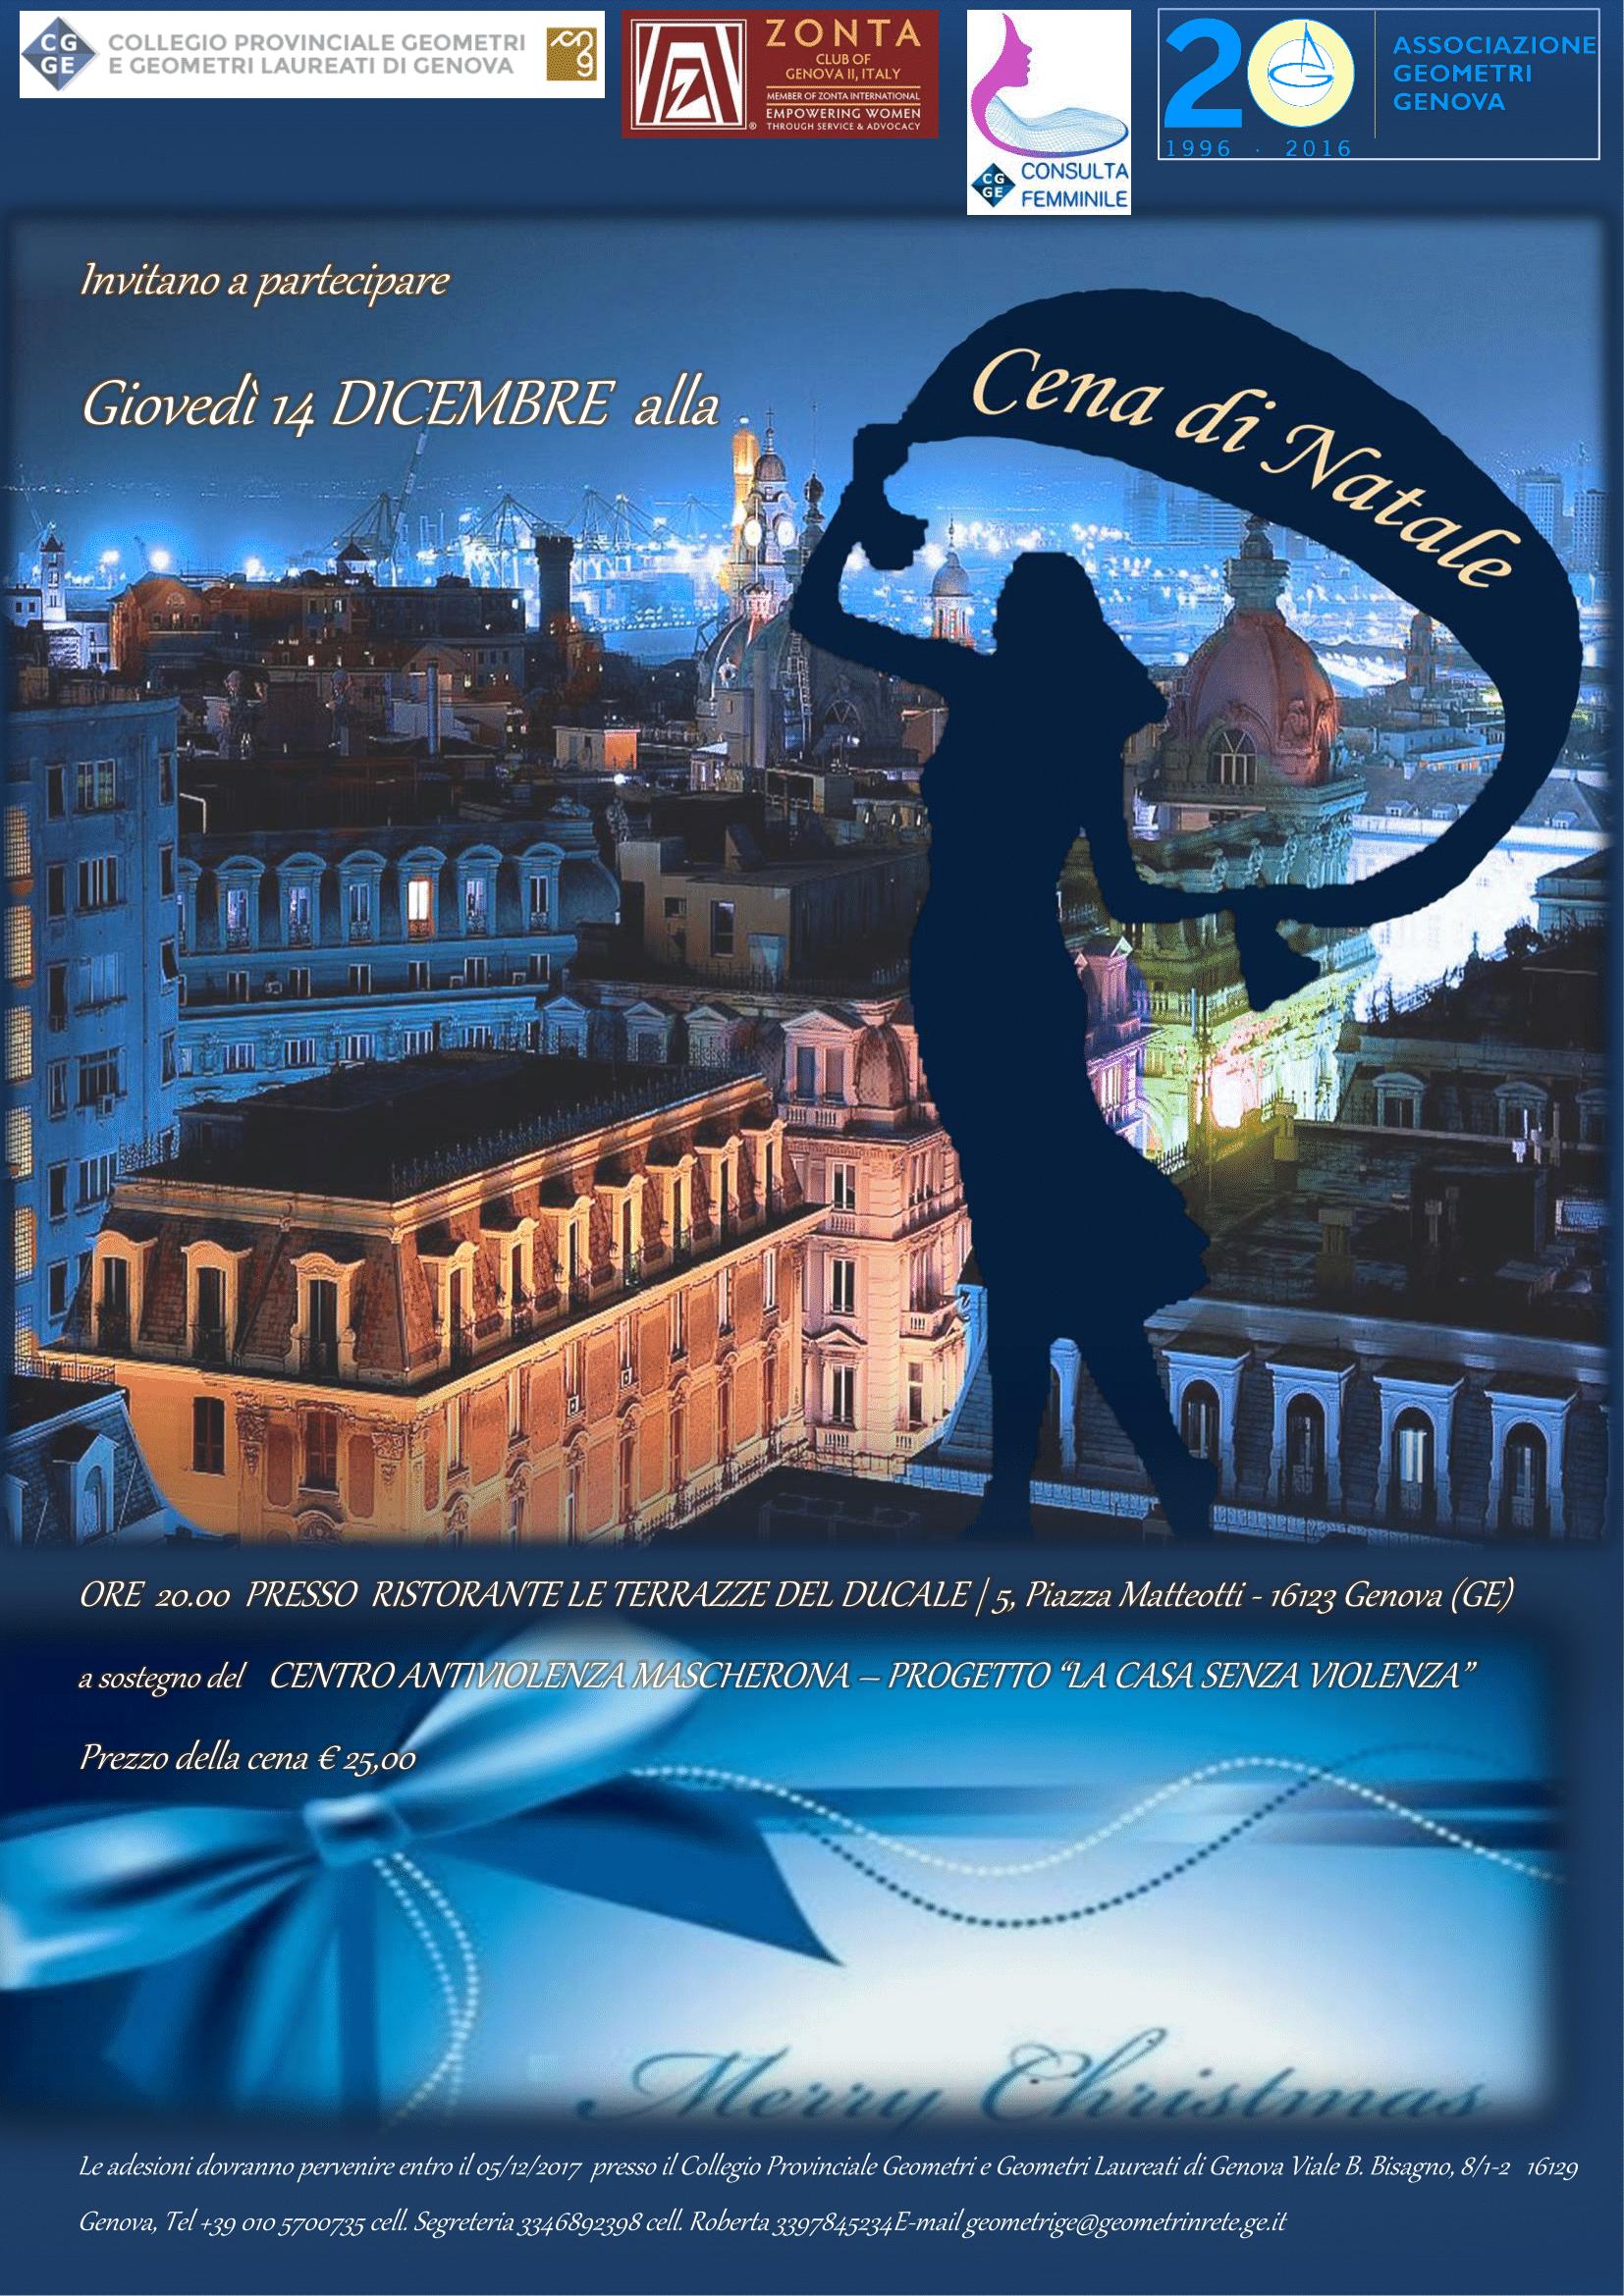 News Anno 2017 Collegio Provinciale Geometri Genova